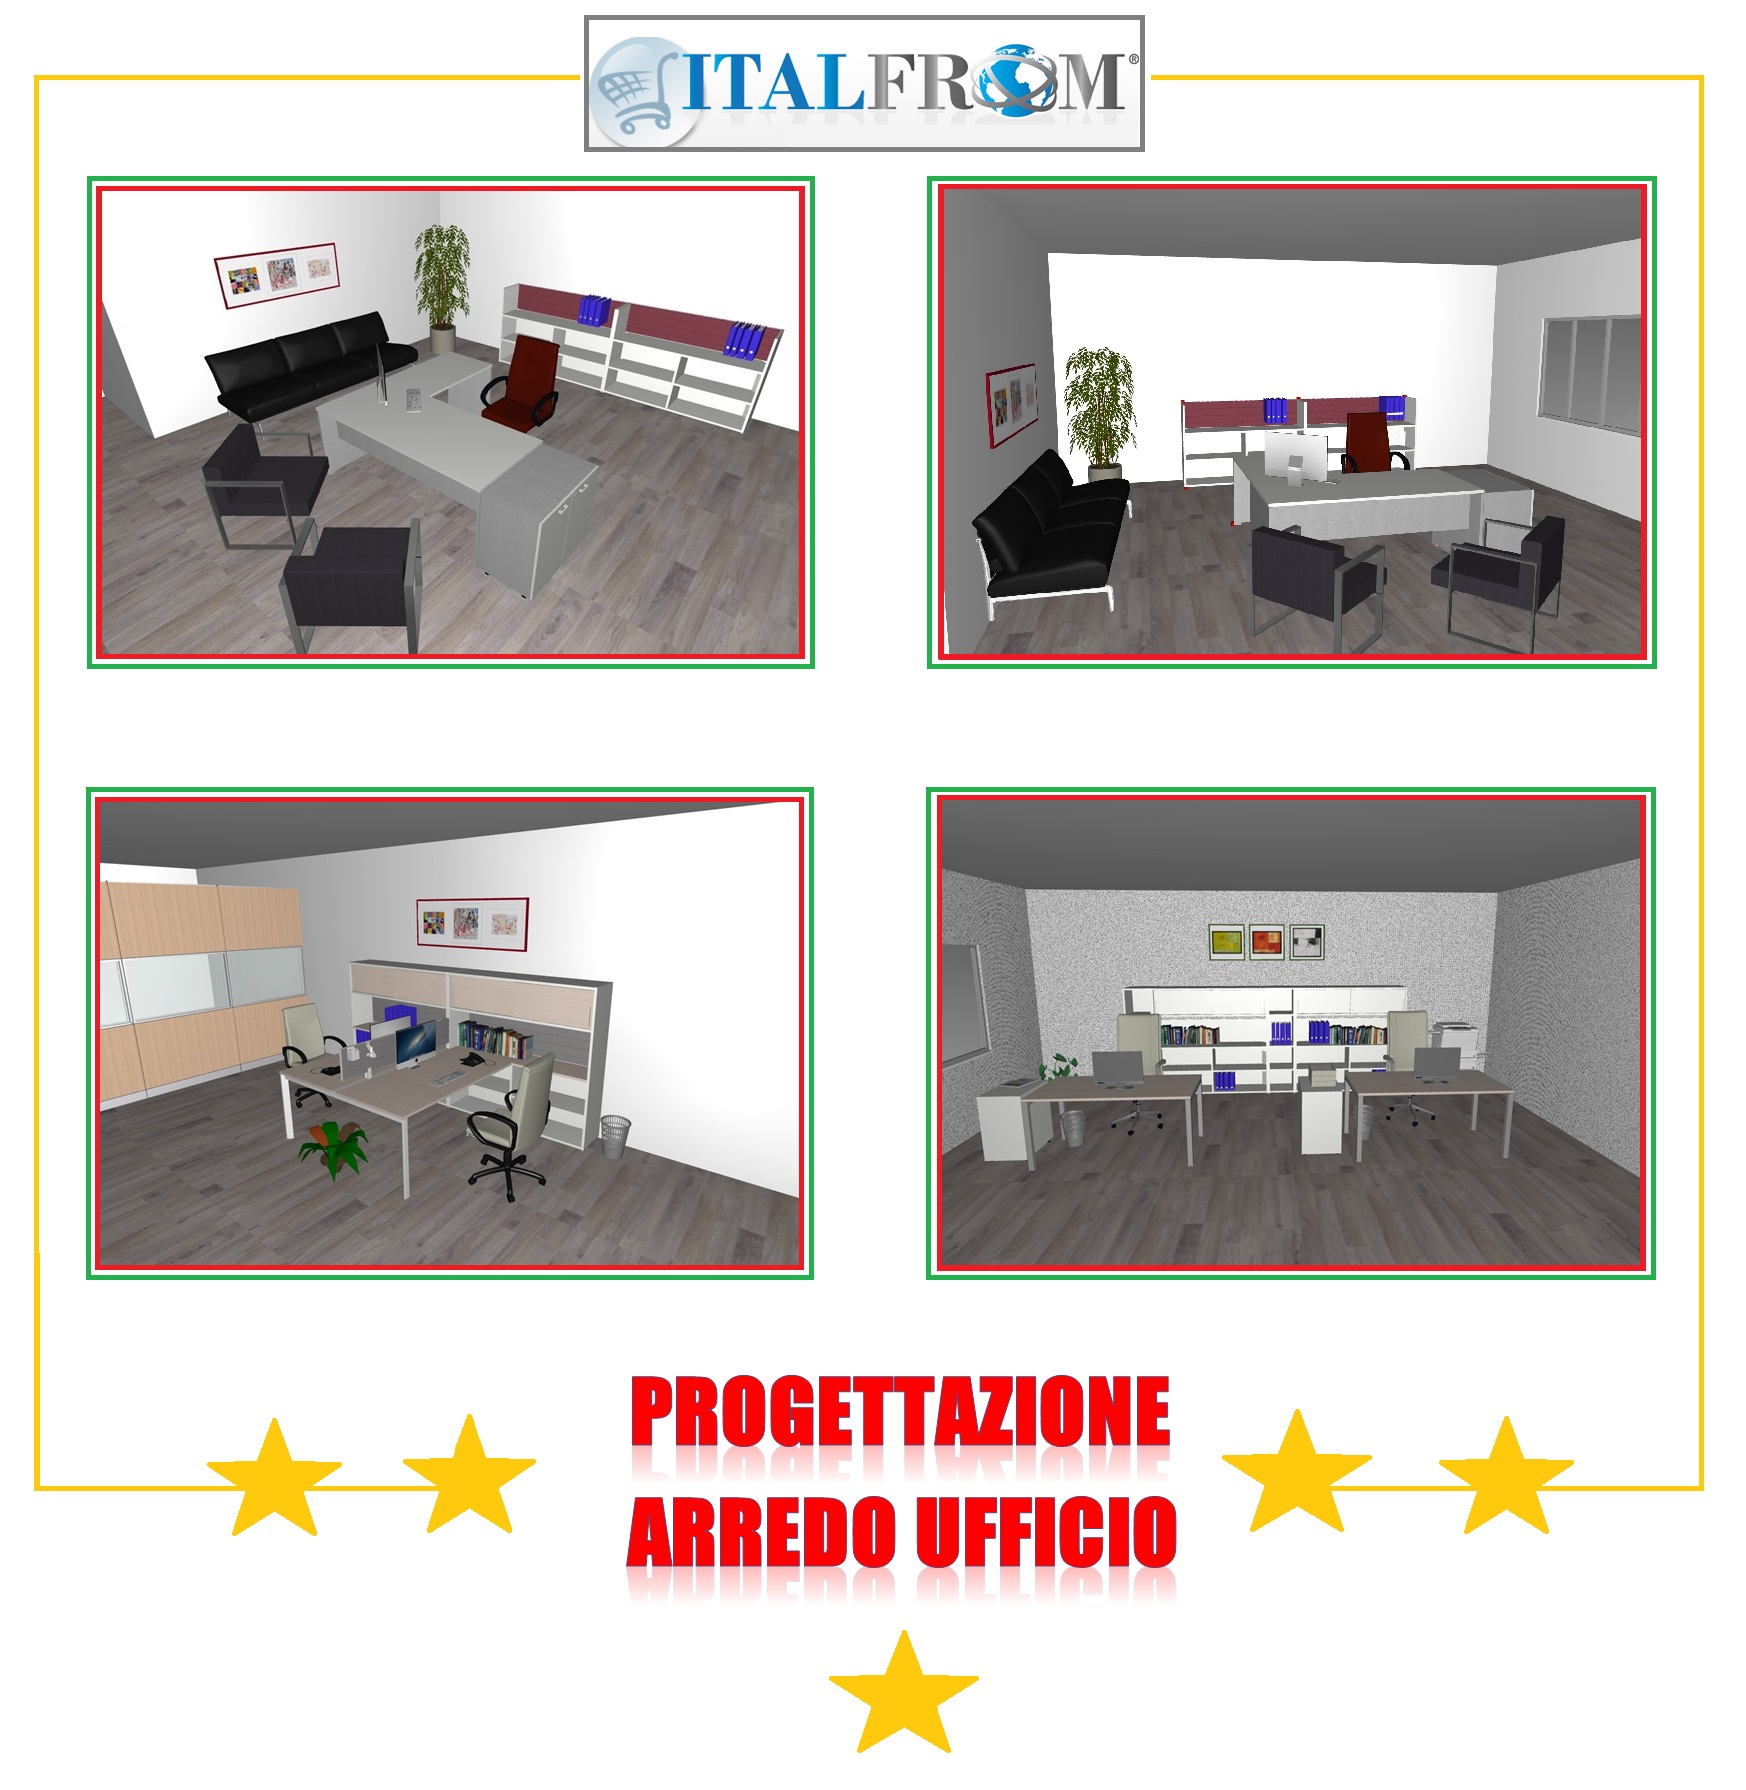 Mobili per ufficio italfrom preventivi e progettazioni for Quadrifoglio arredo ufficio